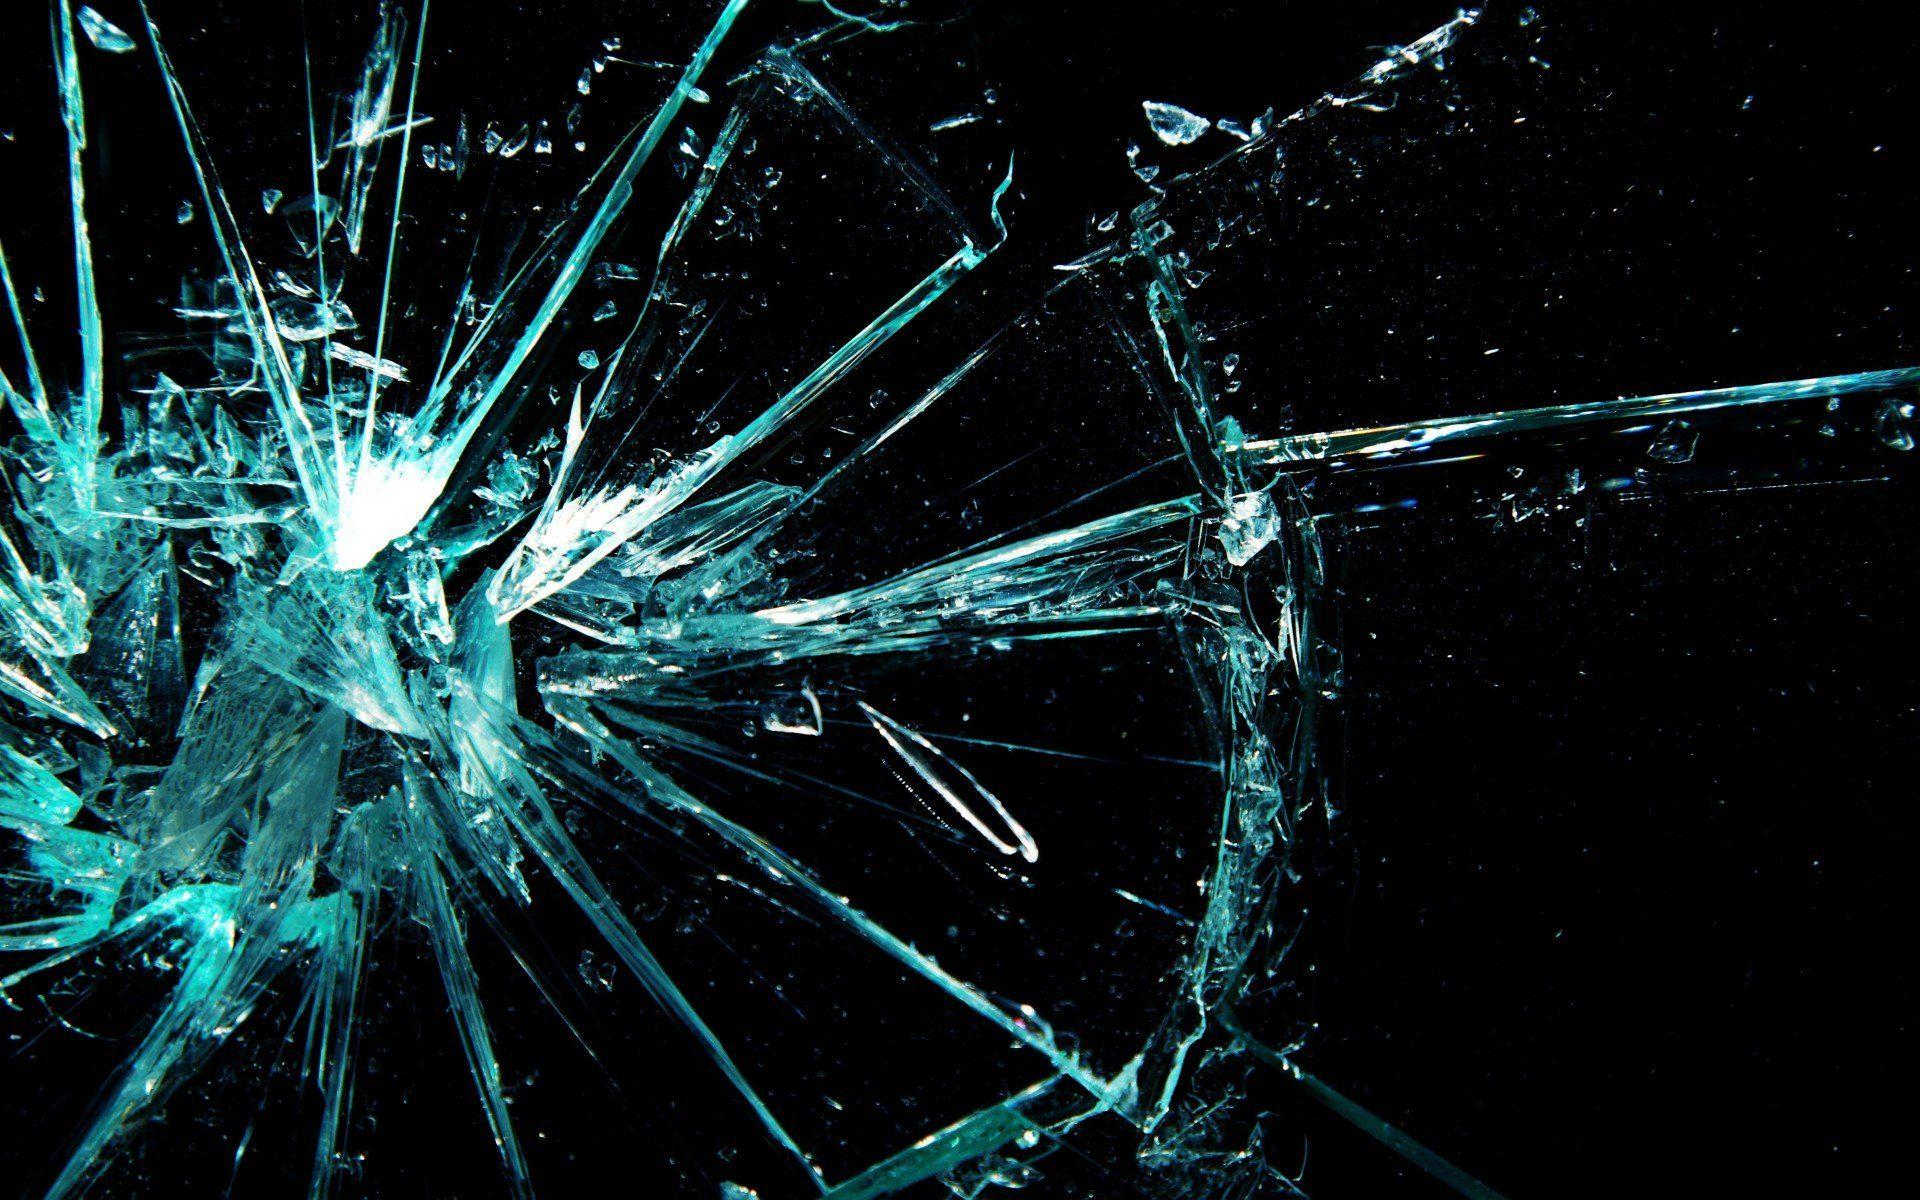 Как в фотошопе сделать эффект разбитого стекла